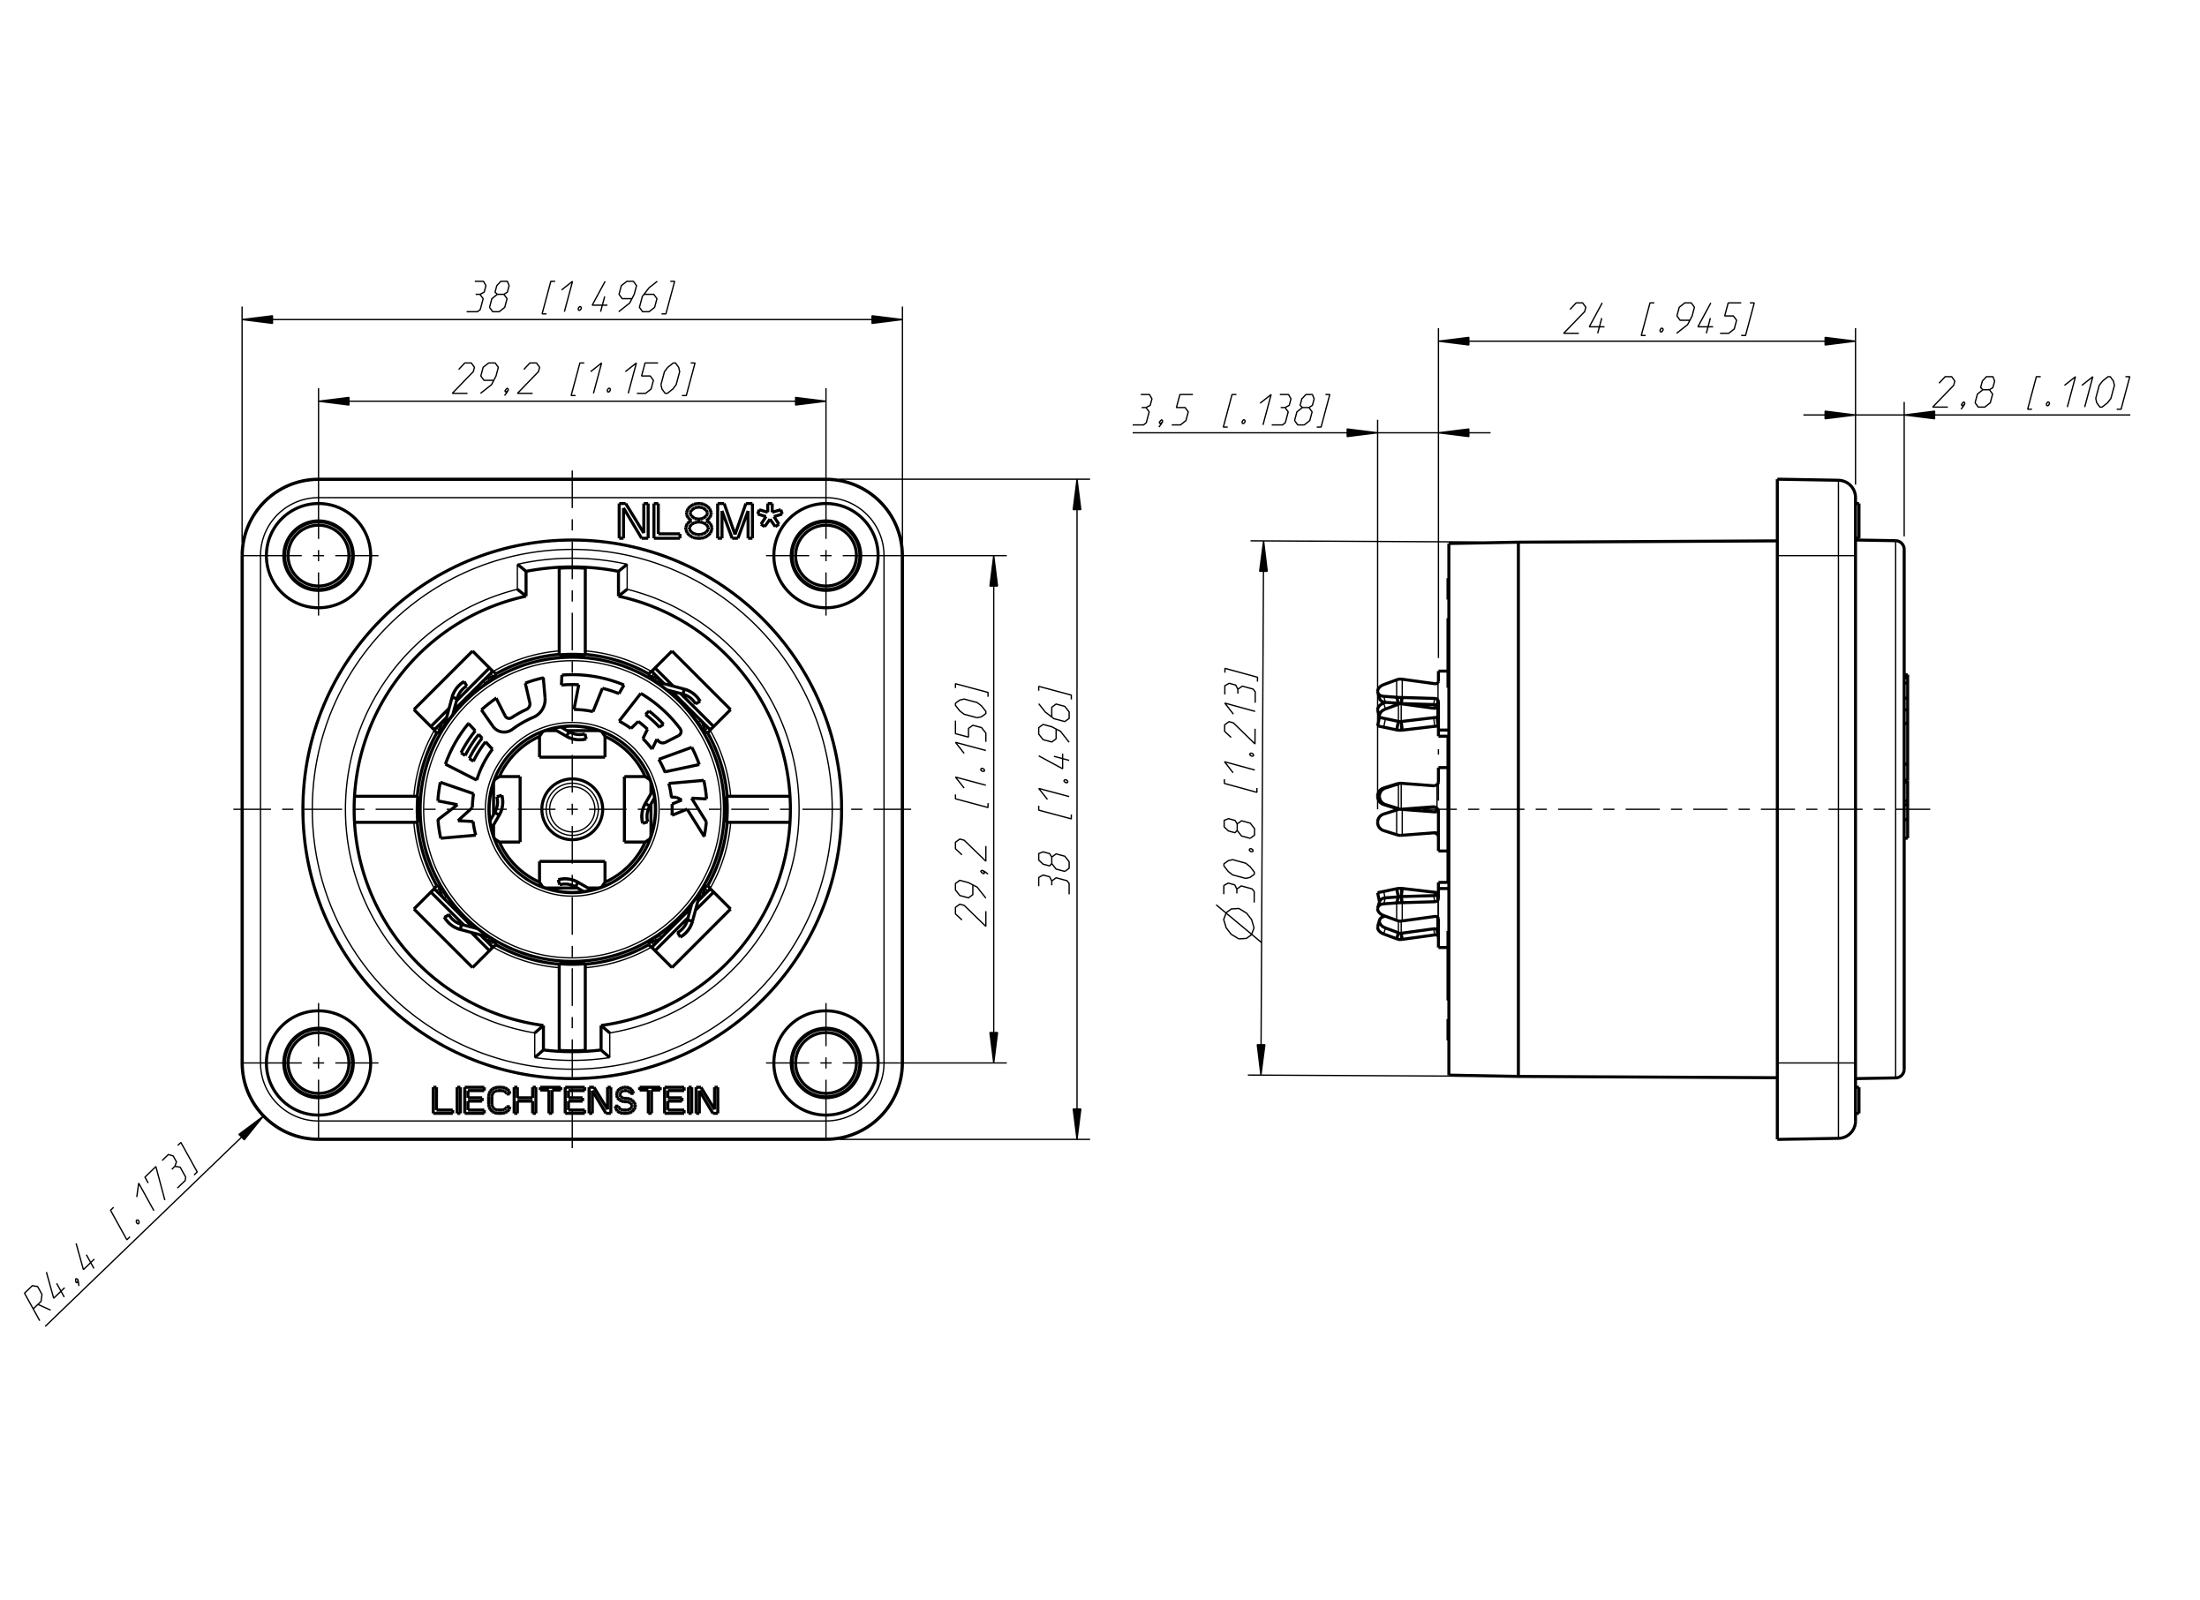 2-pole-speakon-wiring-diagram-8  Pin Speakon Wiring Diagram on